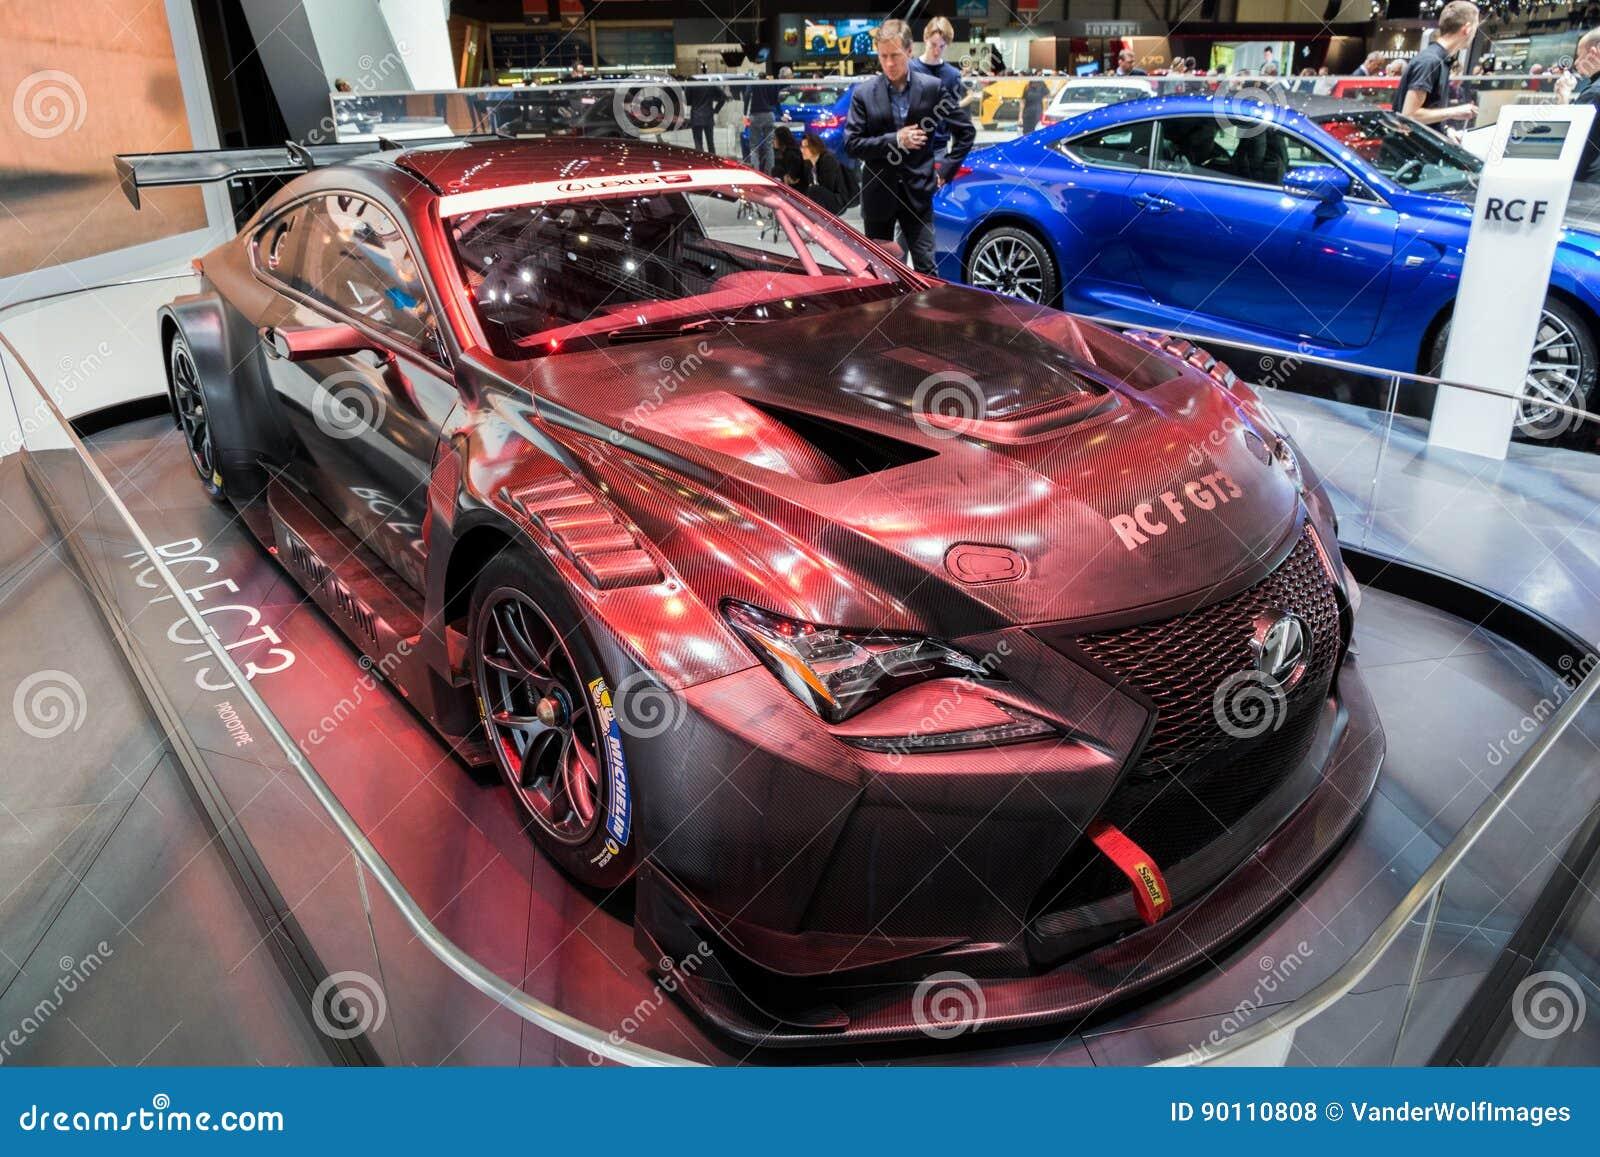 Exceptional 2018 Lexus RC F GT3 Sportscar